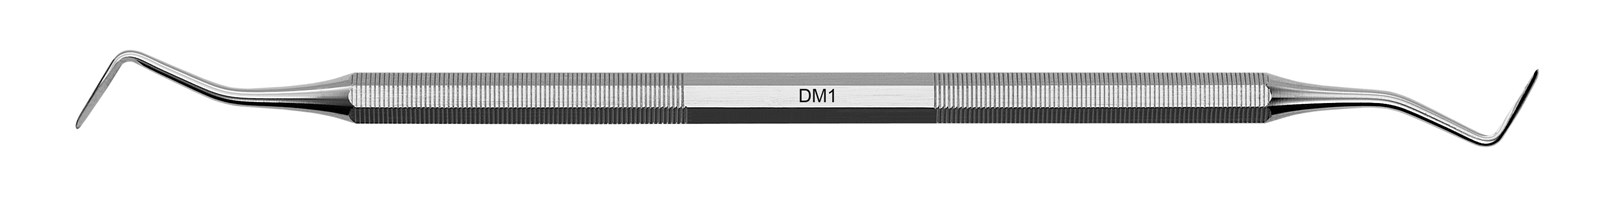 Lžičkové dlátko - DM1, ADEP červený